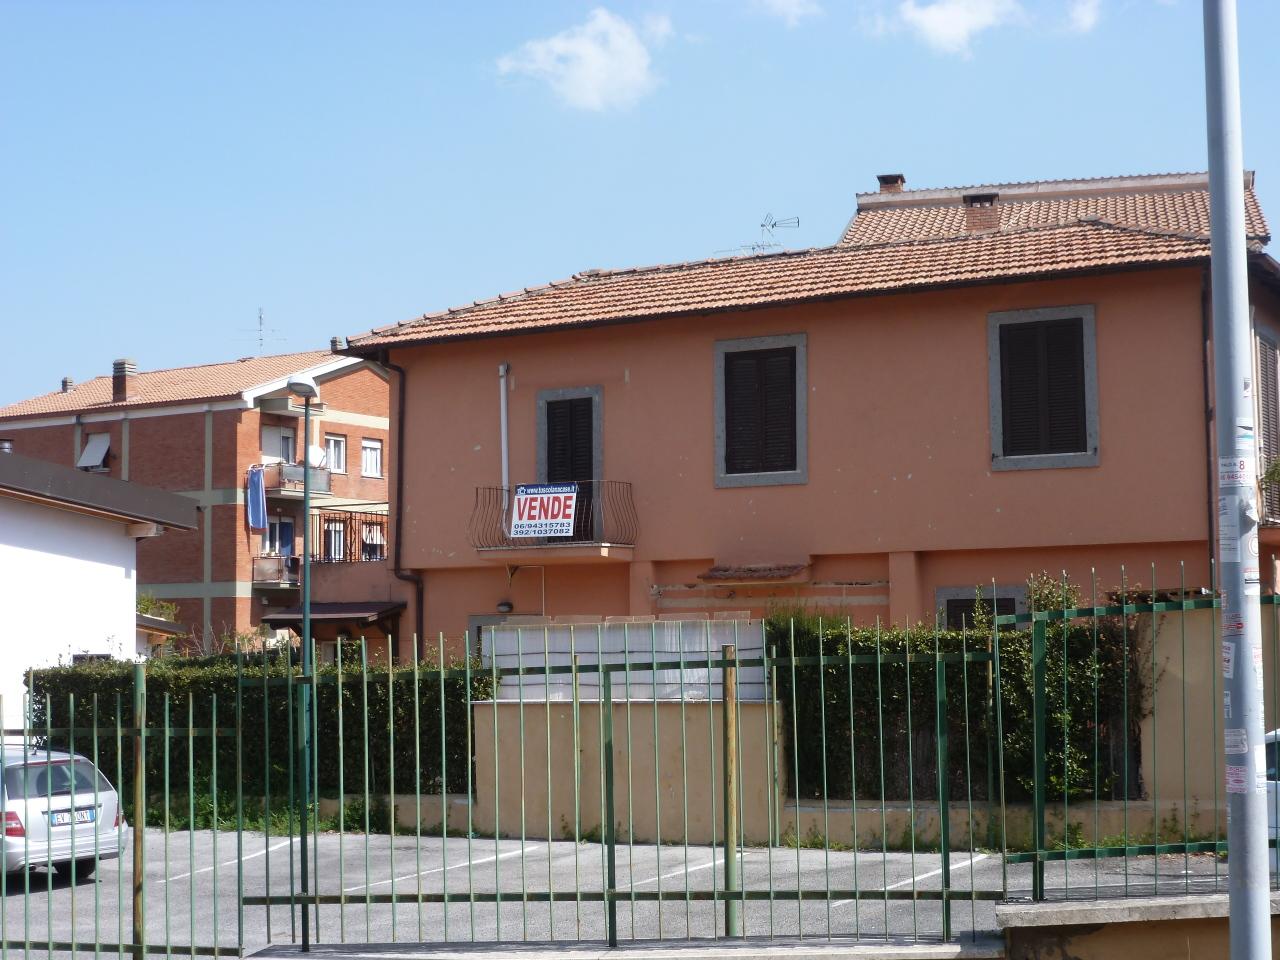 Villa in vendita a Grottaferrata, 6 locali, prezzo € 320.000 | Cambio Casa.it